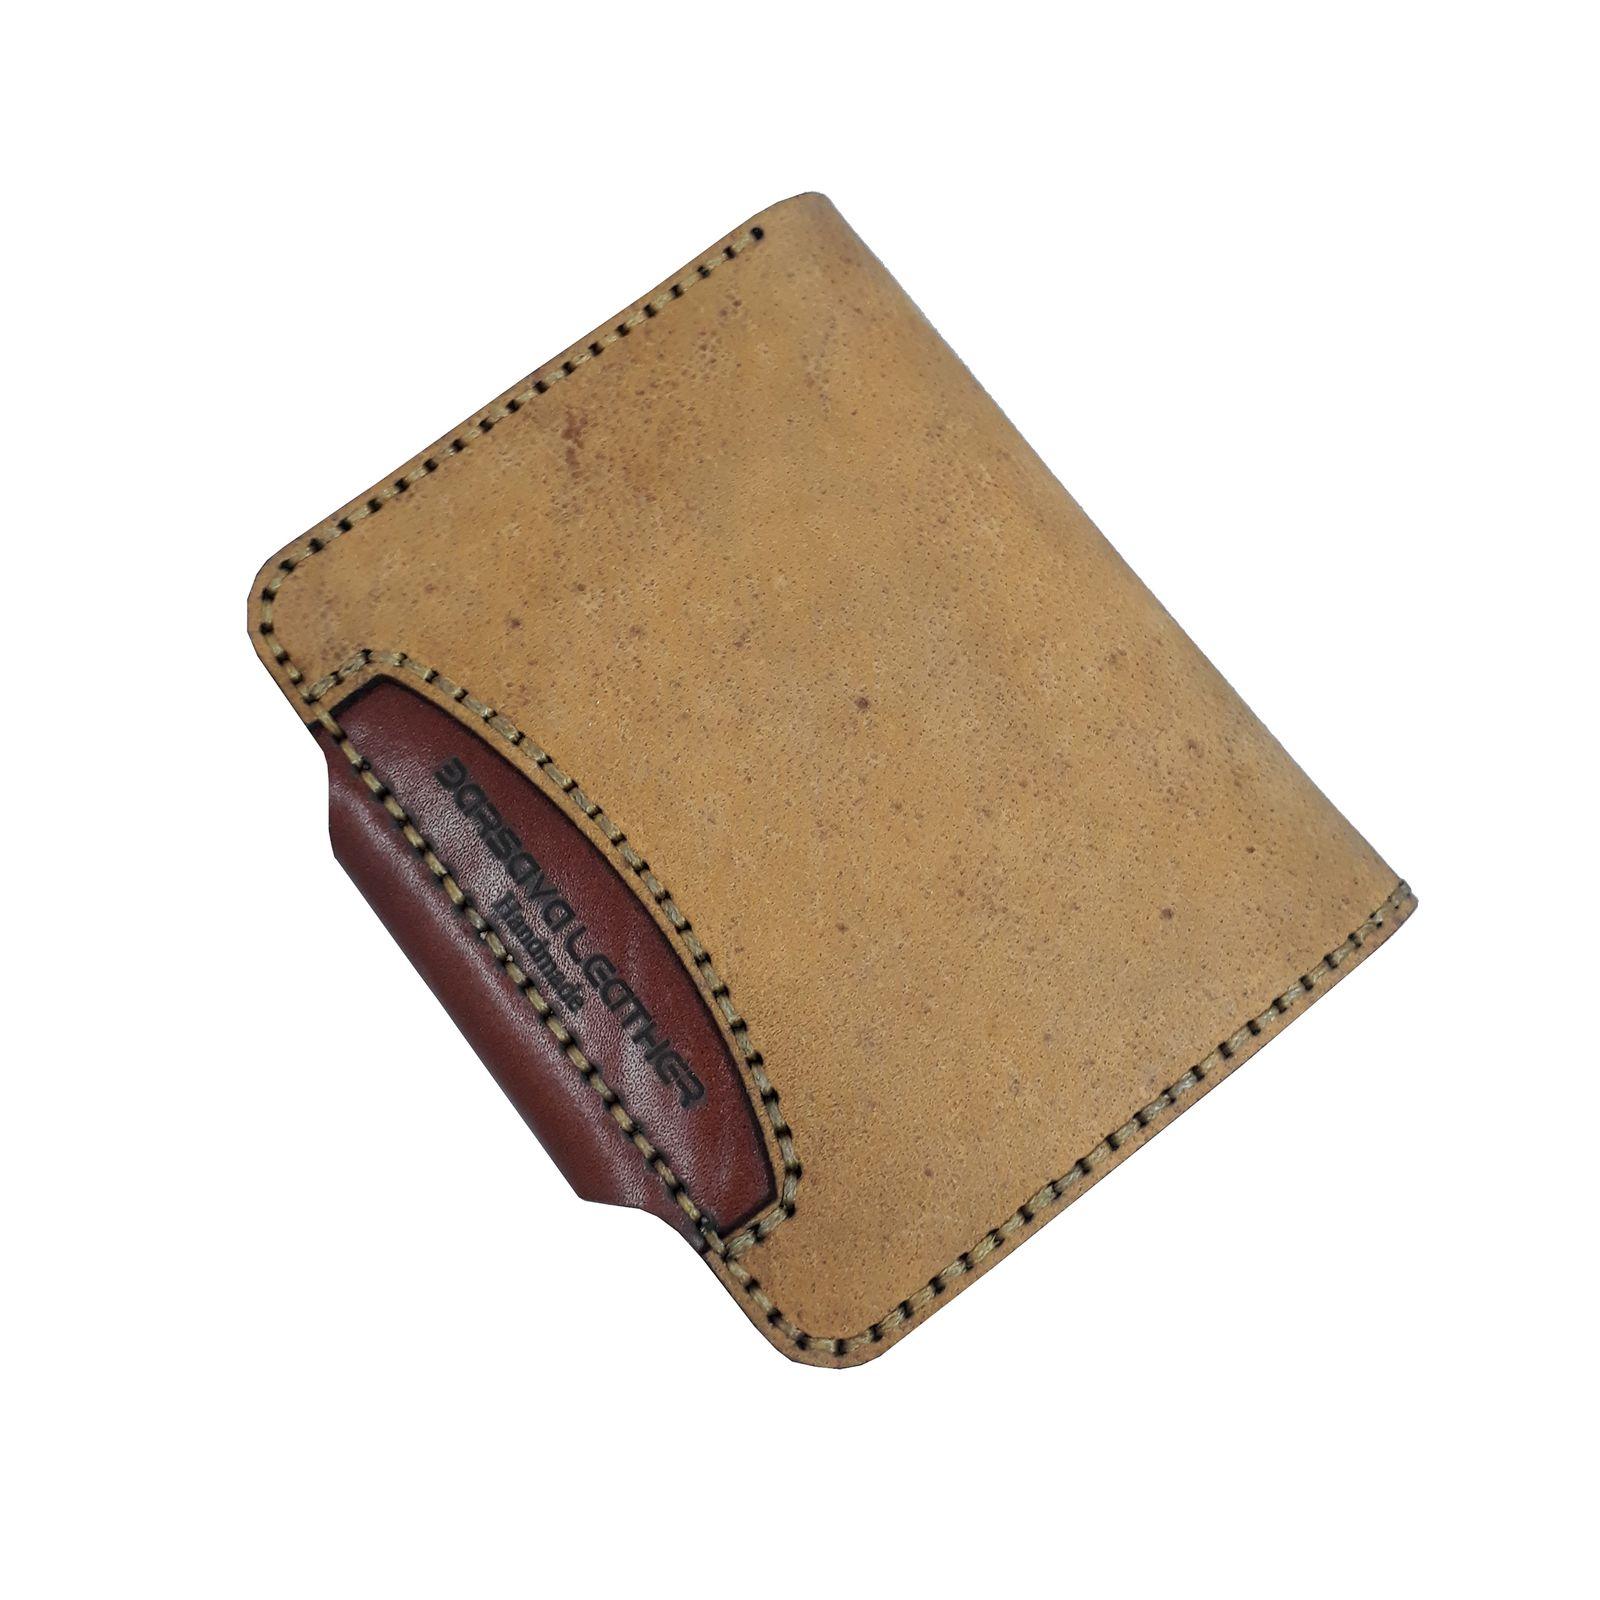 کیف پول مردانه چرم بارثاوا کد 1510 -  - 6